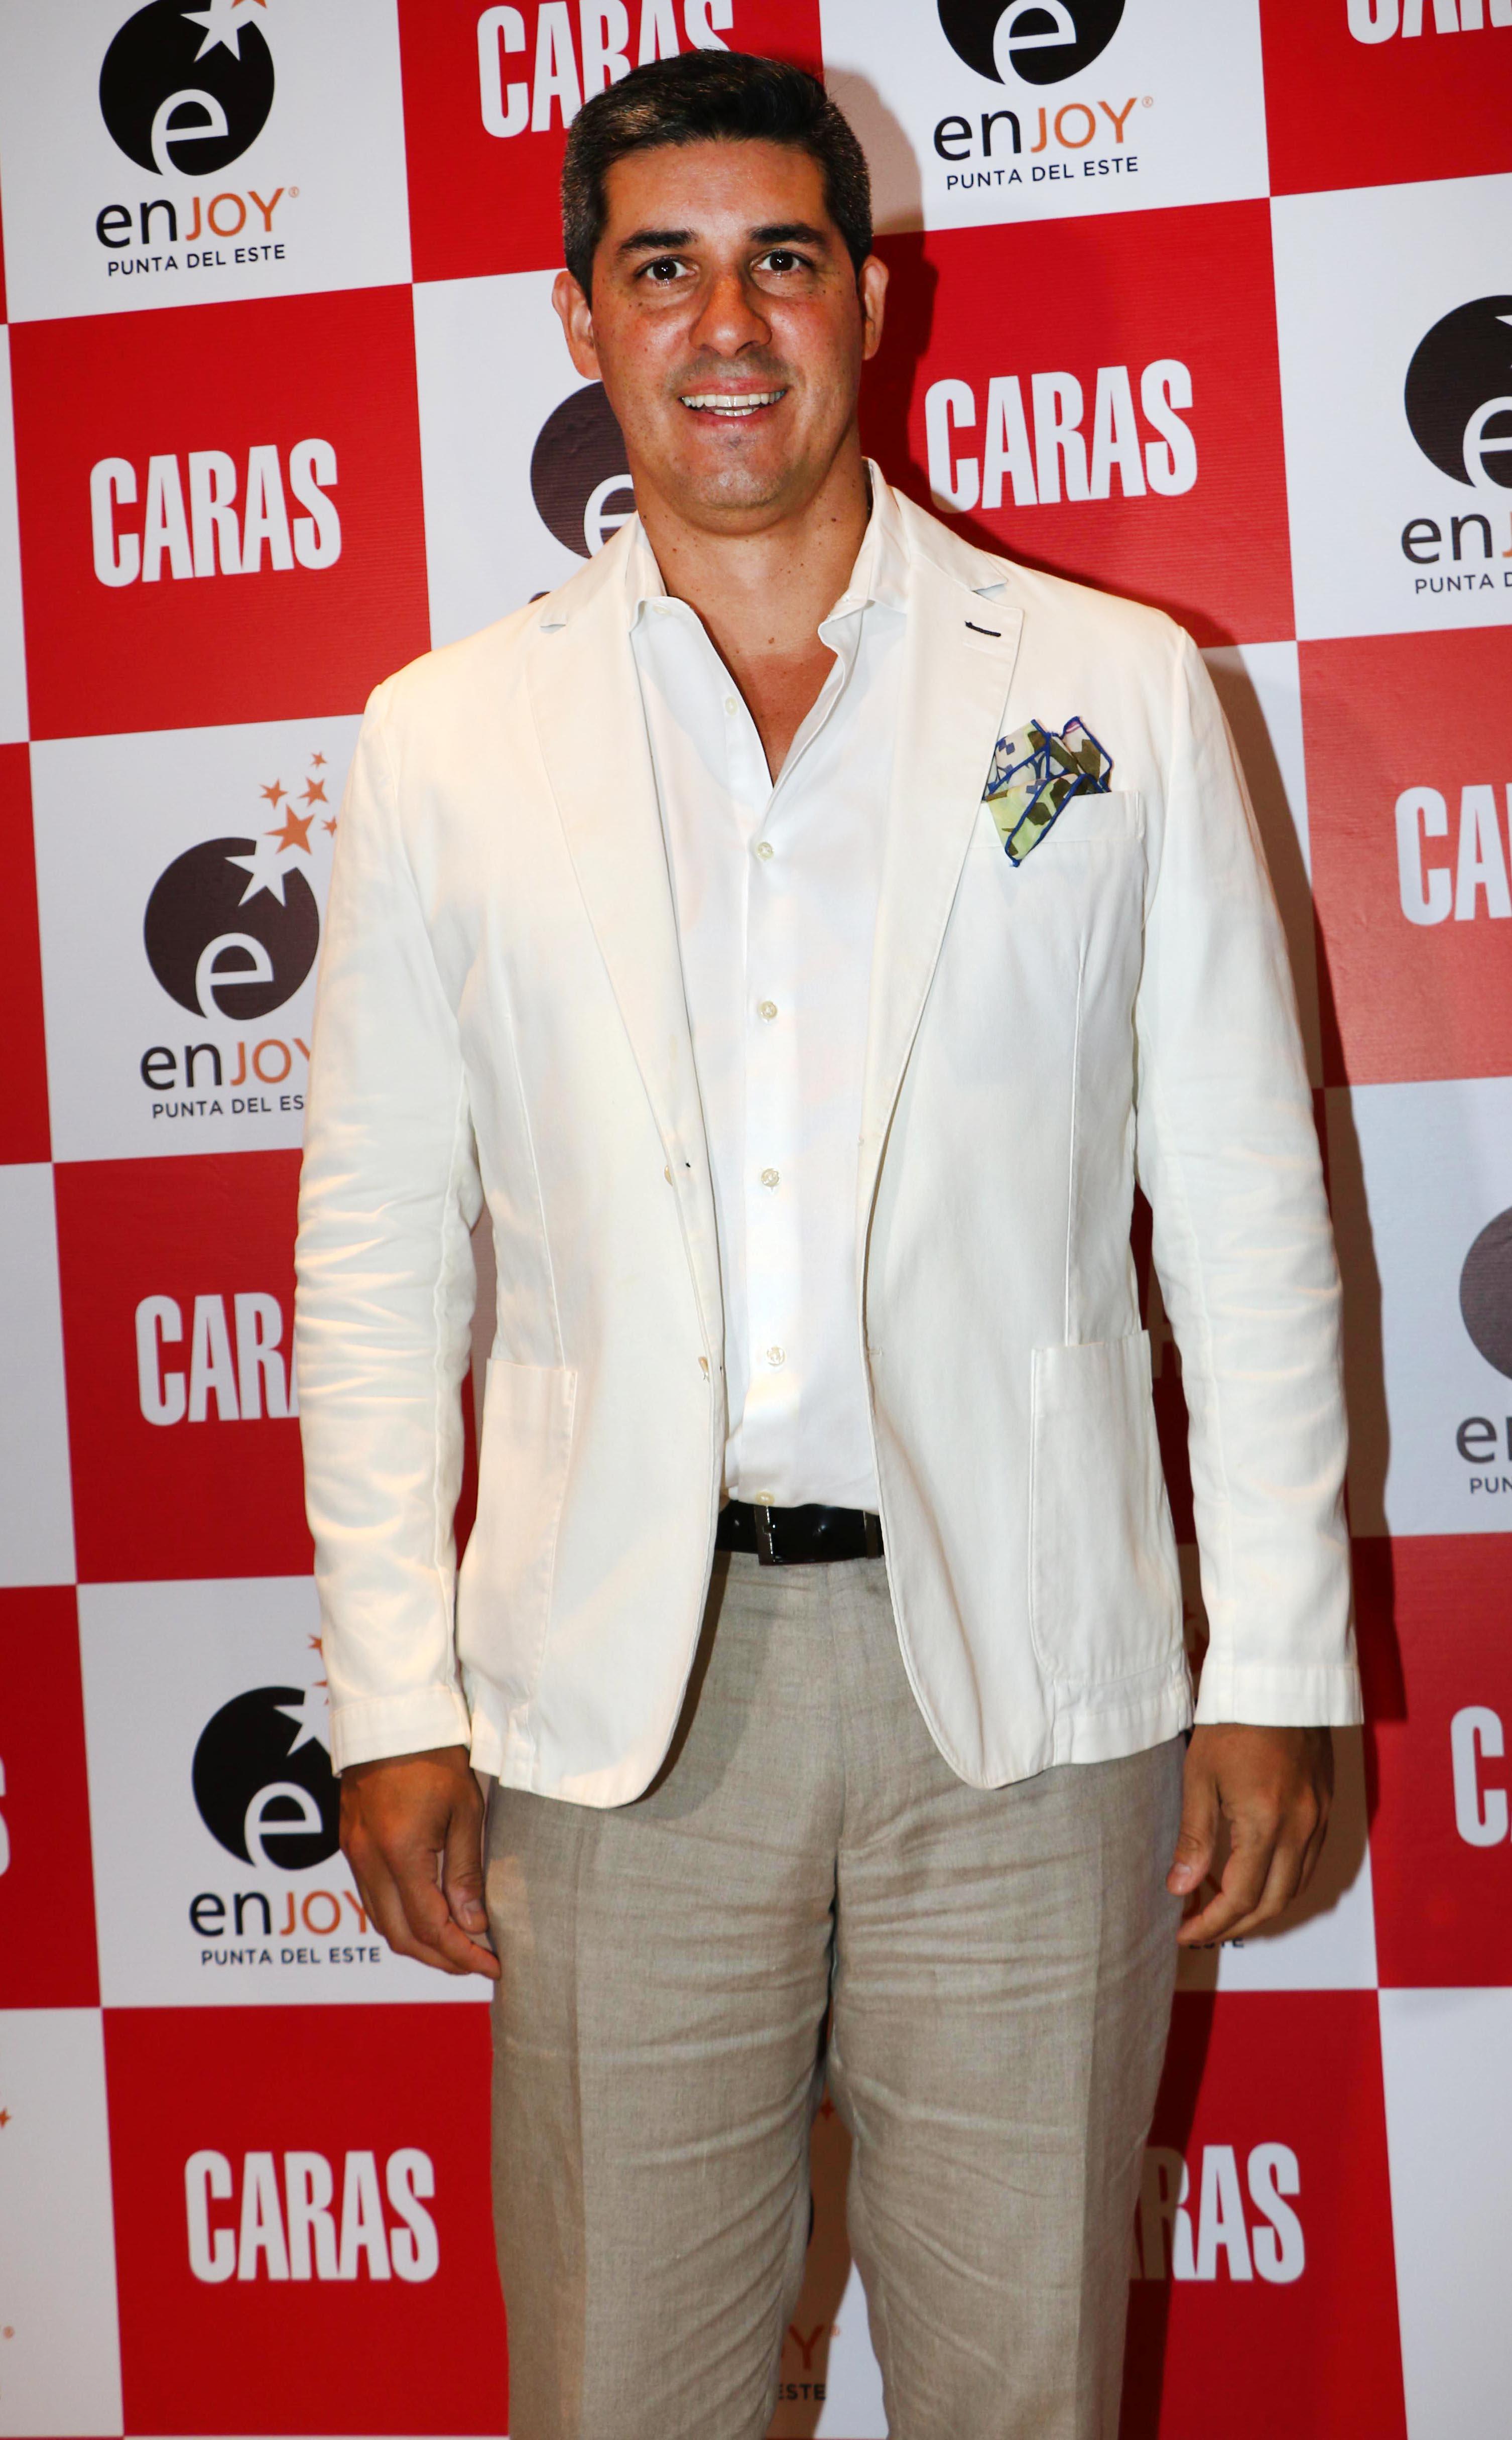 Javier Azcurra, director y RRPP de Enjoy Punta del Este